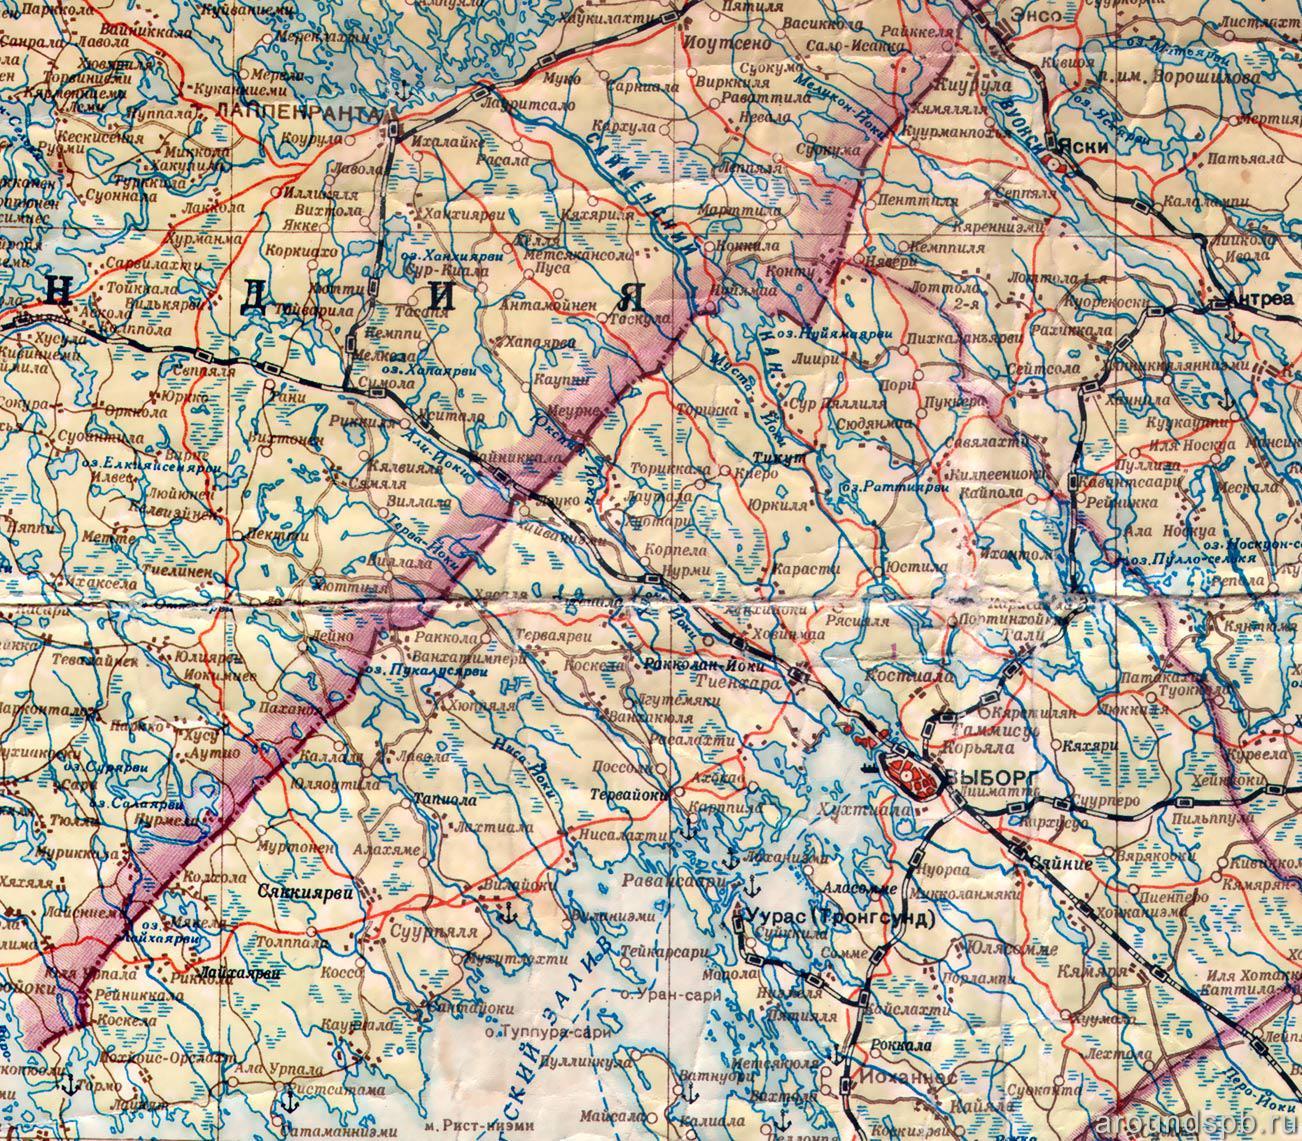 Карта границы 1940 года